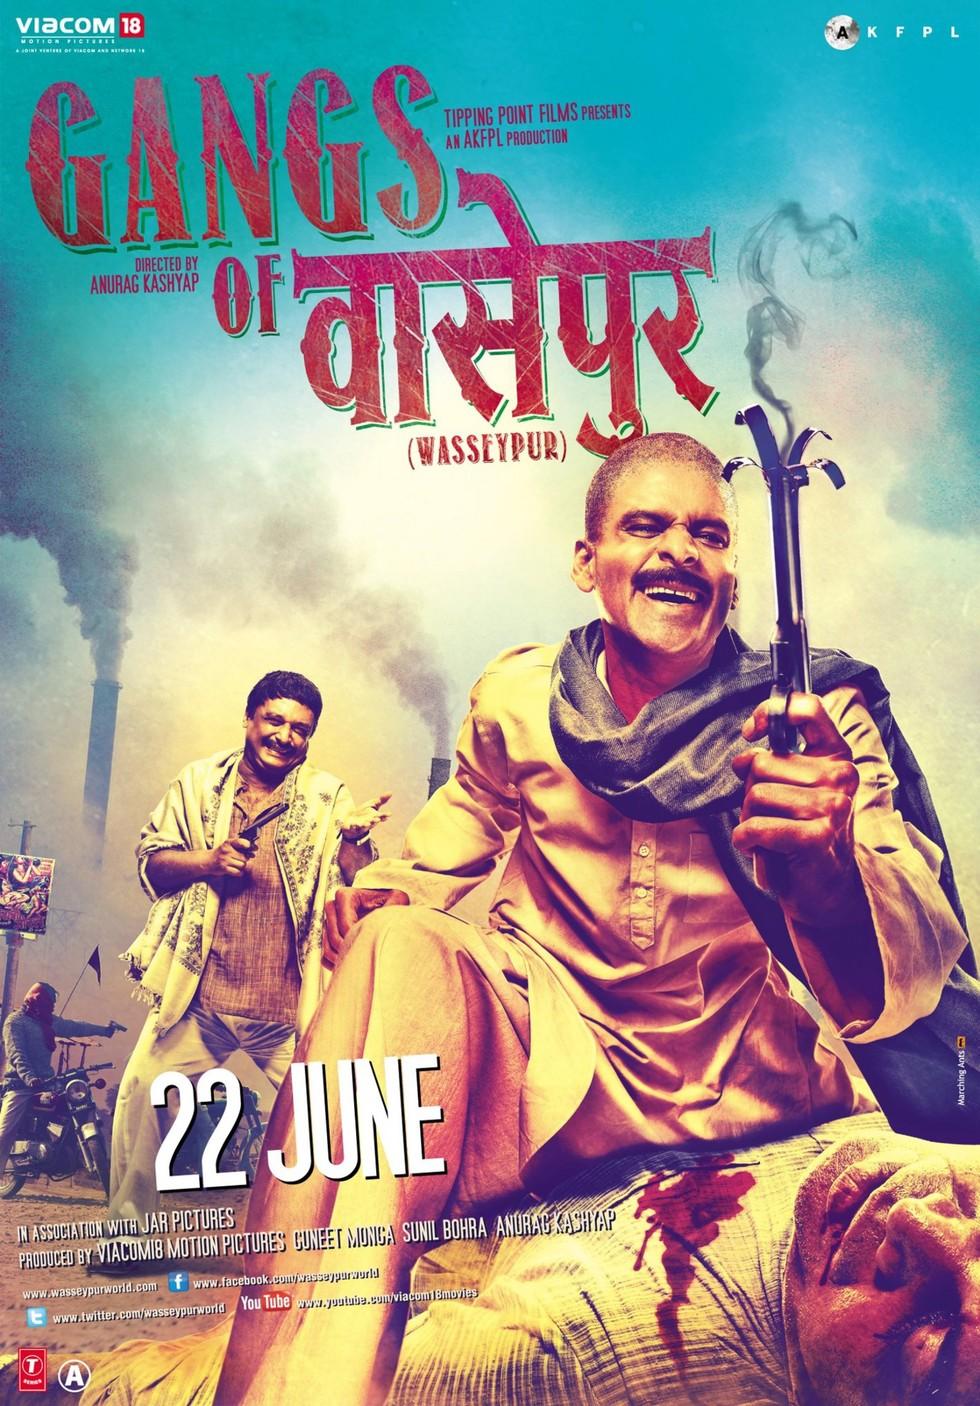 Gangs Of Wasseypur - Movie Poster #2 (Large)